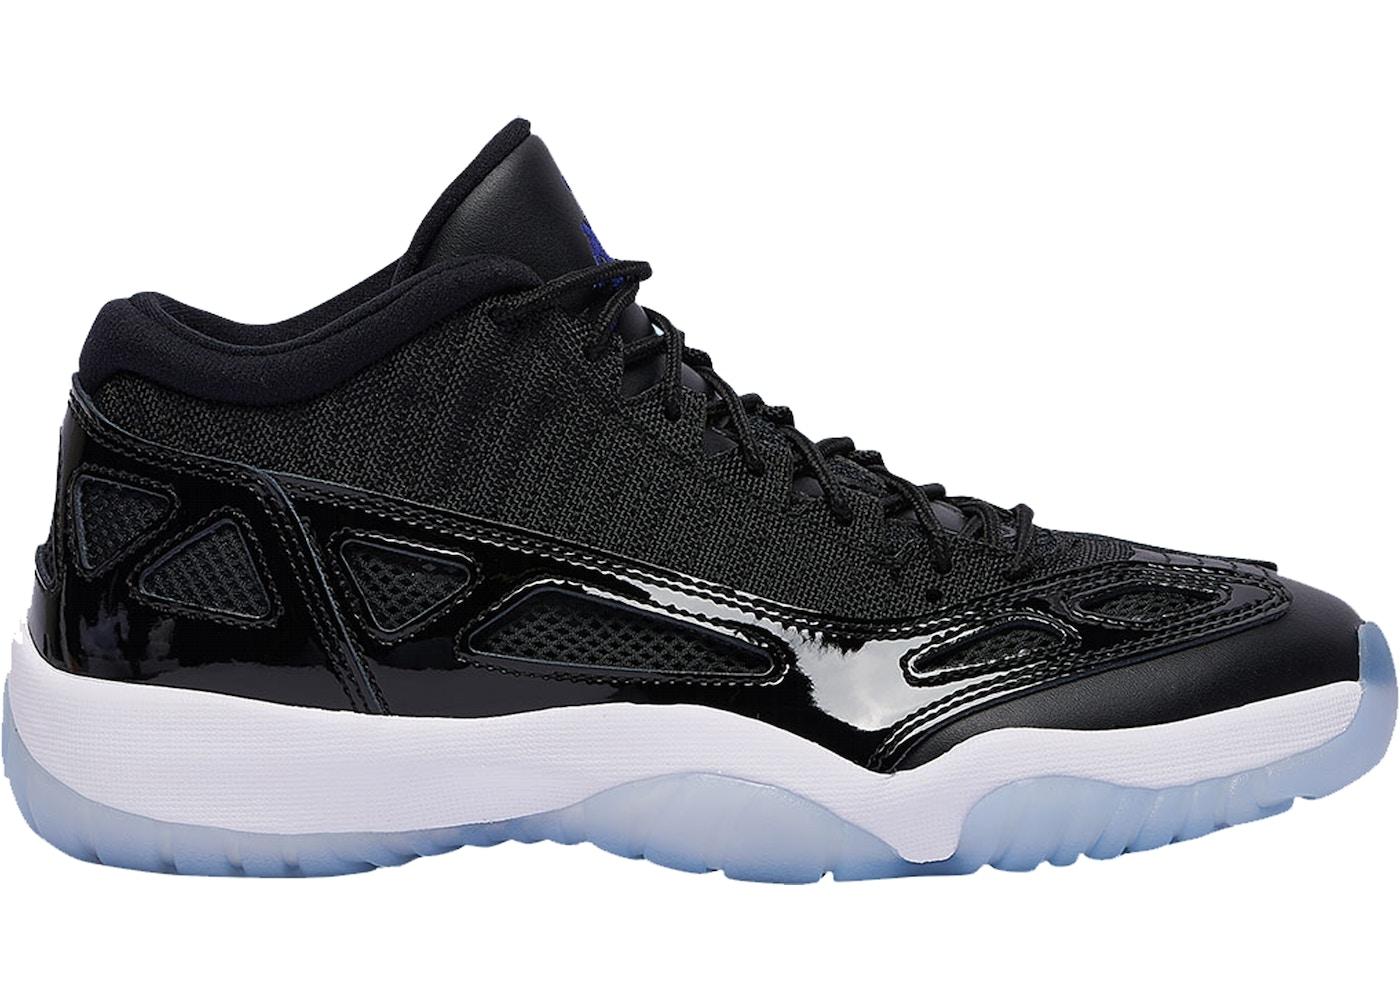 promo code 4db7f 8c053 Buy Air Jordan 11 Shoes & Deadstock Sneakers